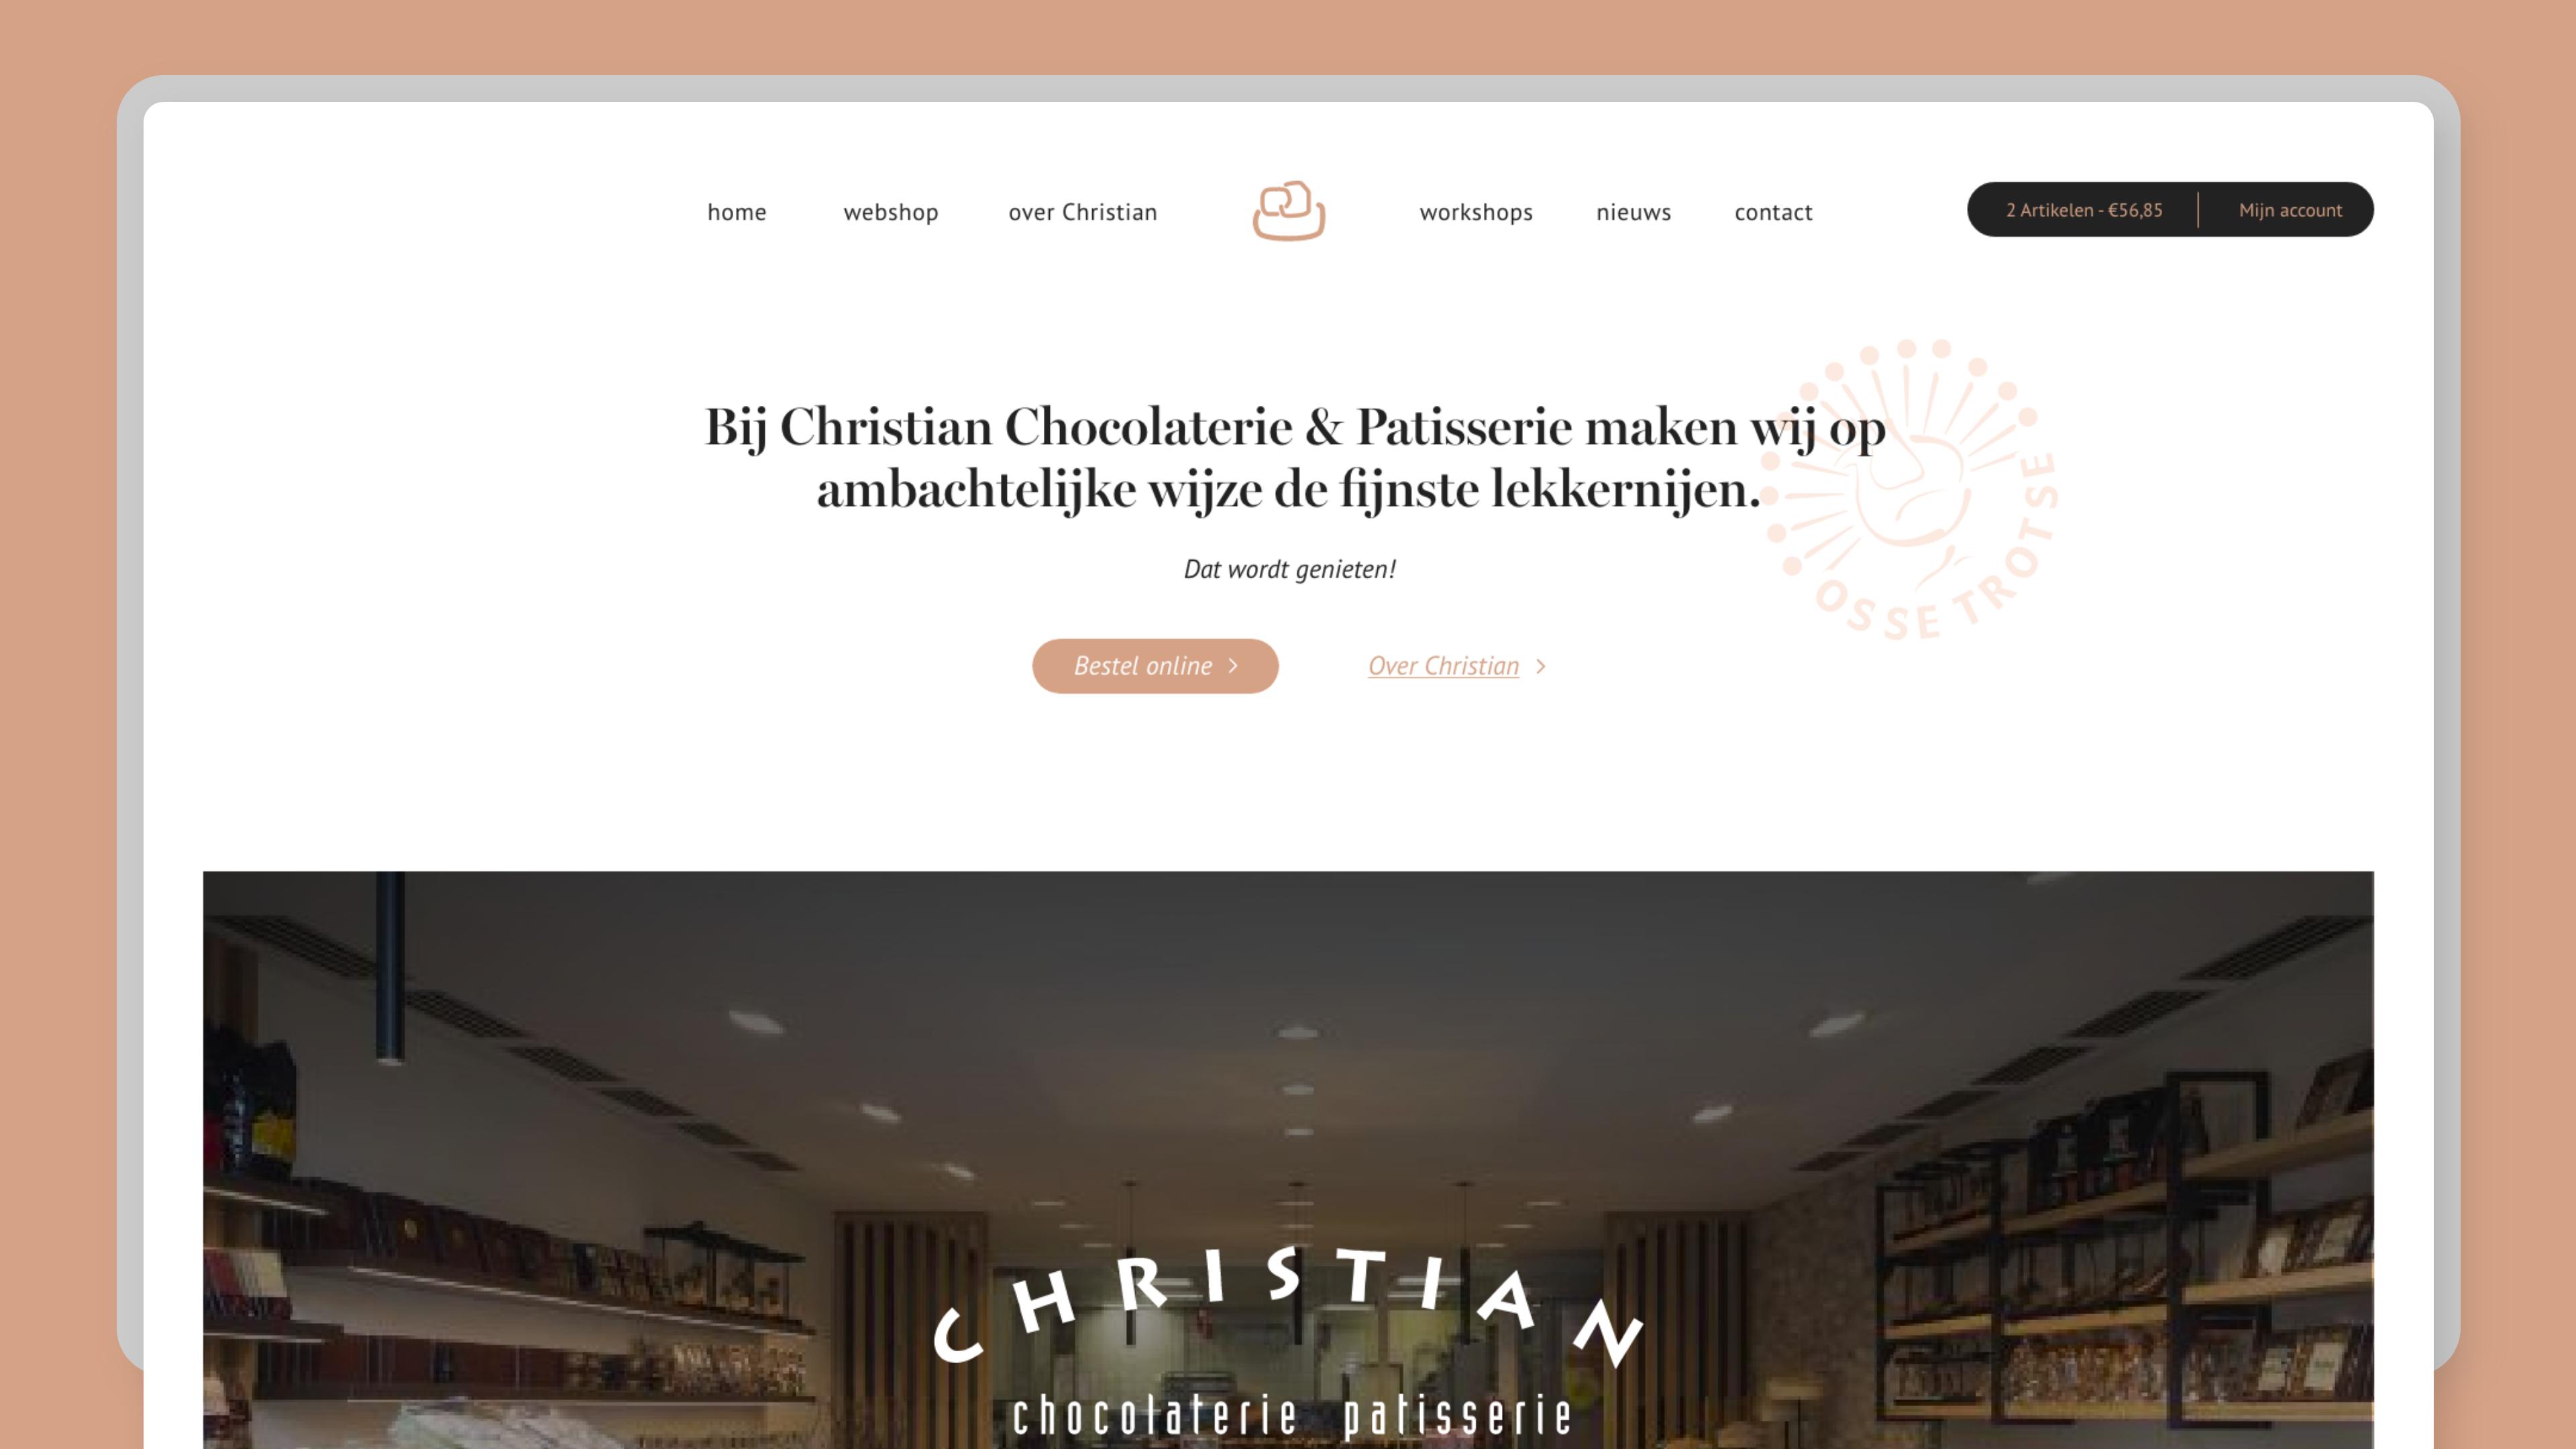 beeld van de nieuwe website van Christan Chocolaterie Patisserie